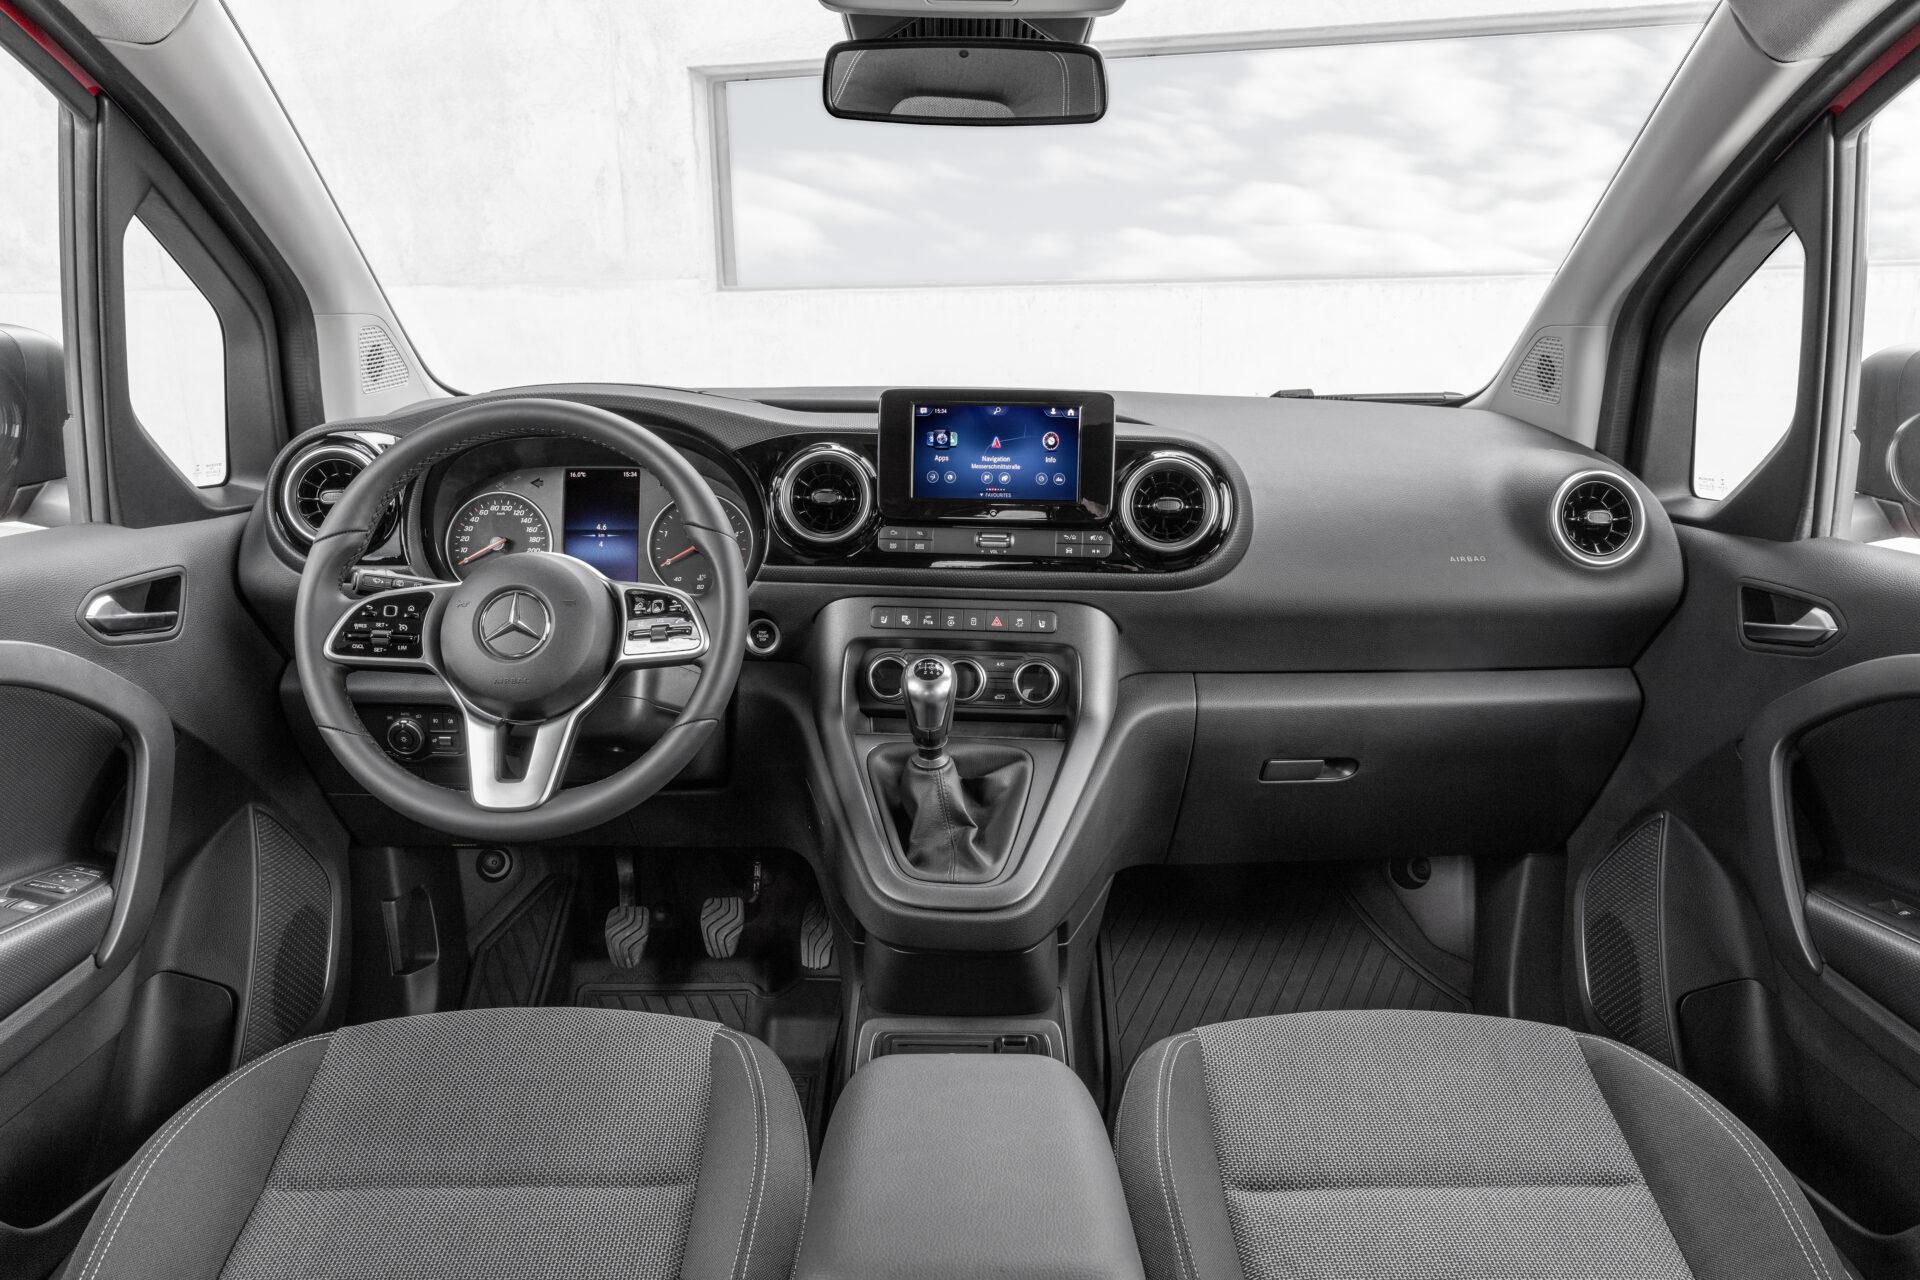 Mercedes-Benz Citan 2021 interior